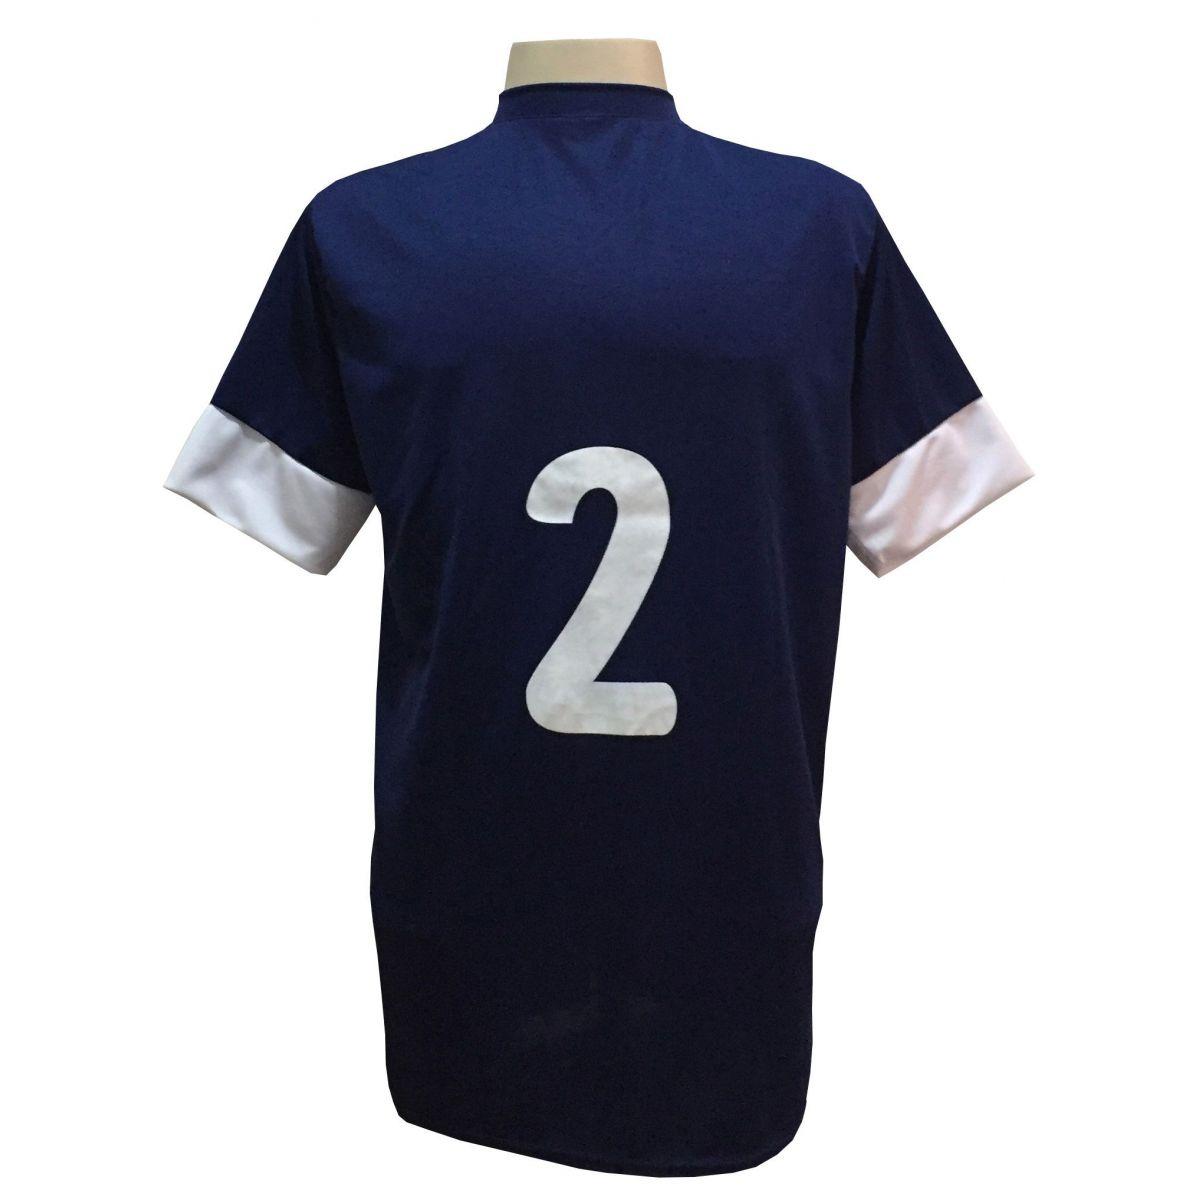 Fardamento Completo modelo Columbus 18+2 (18 Camisas Marinho/Branco + 18 Calções Madrid Marinho + 18 Pares de Meiões Brancos + 2 Conjuntos de Goleiro) + Brindes